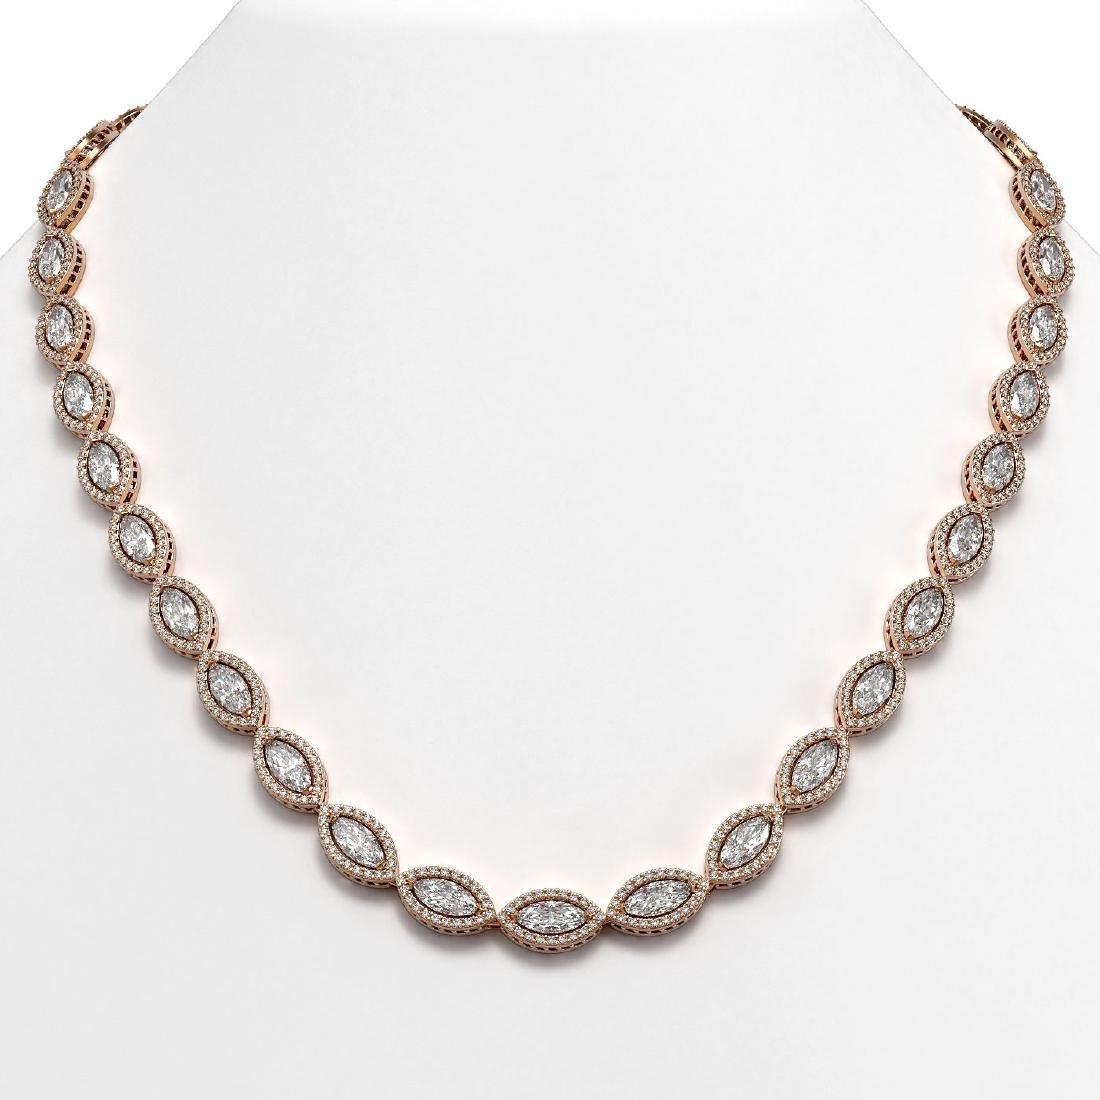 28.12 CTW Marquise Diamond Designer Necklace 18K Rose